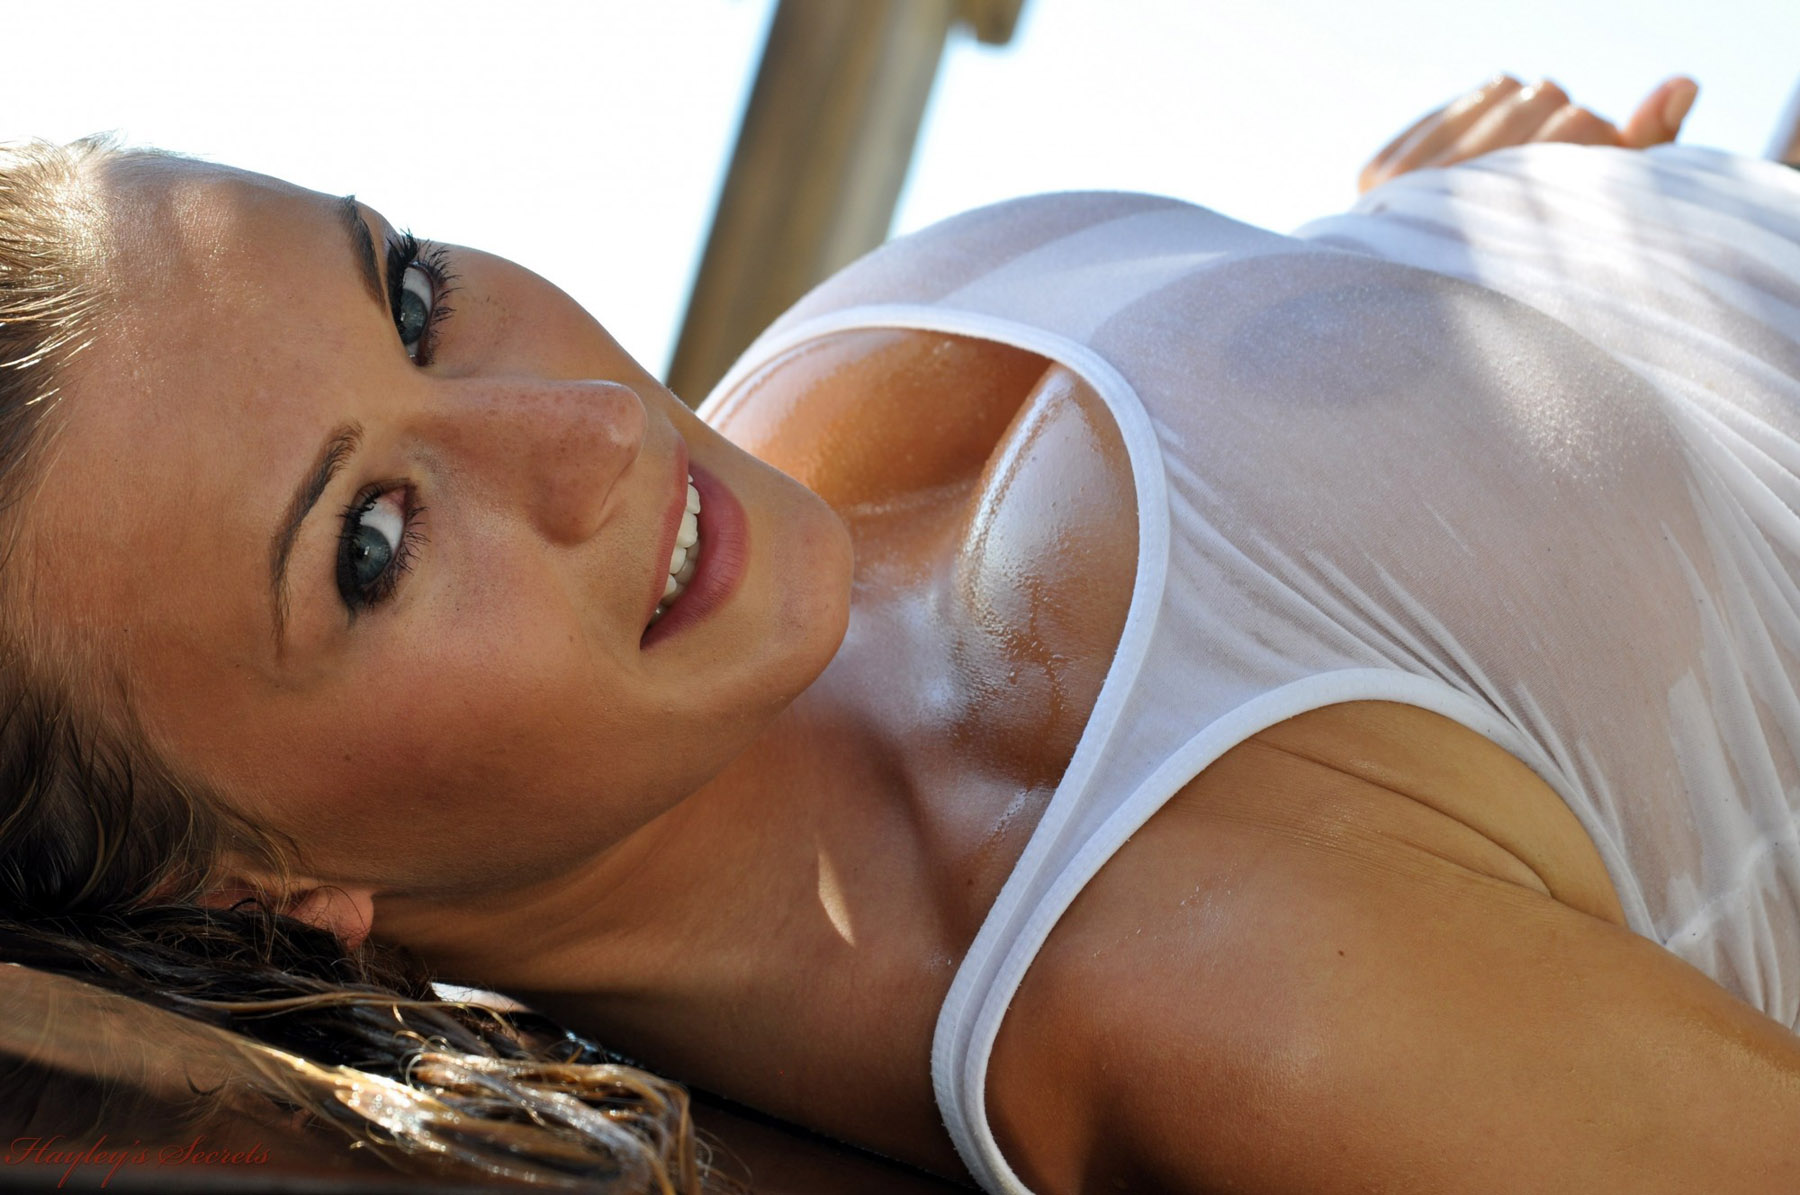 огромная грудь в прозрачных майках видео - 6